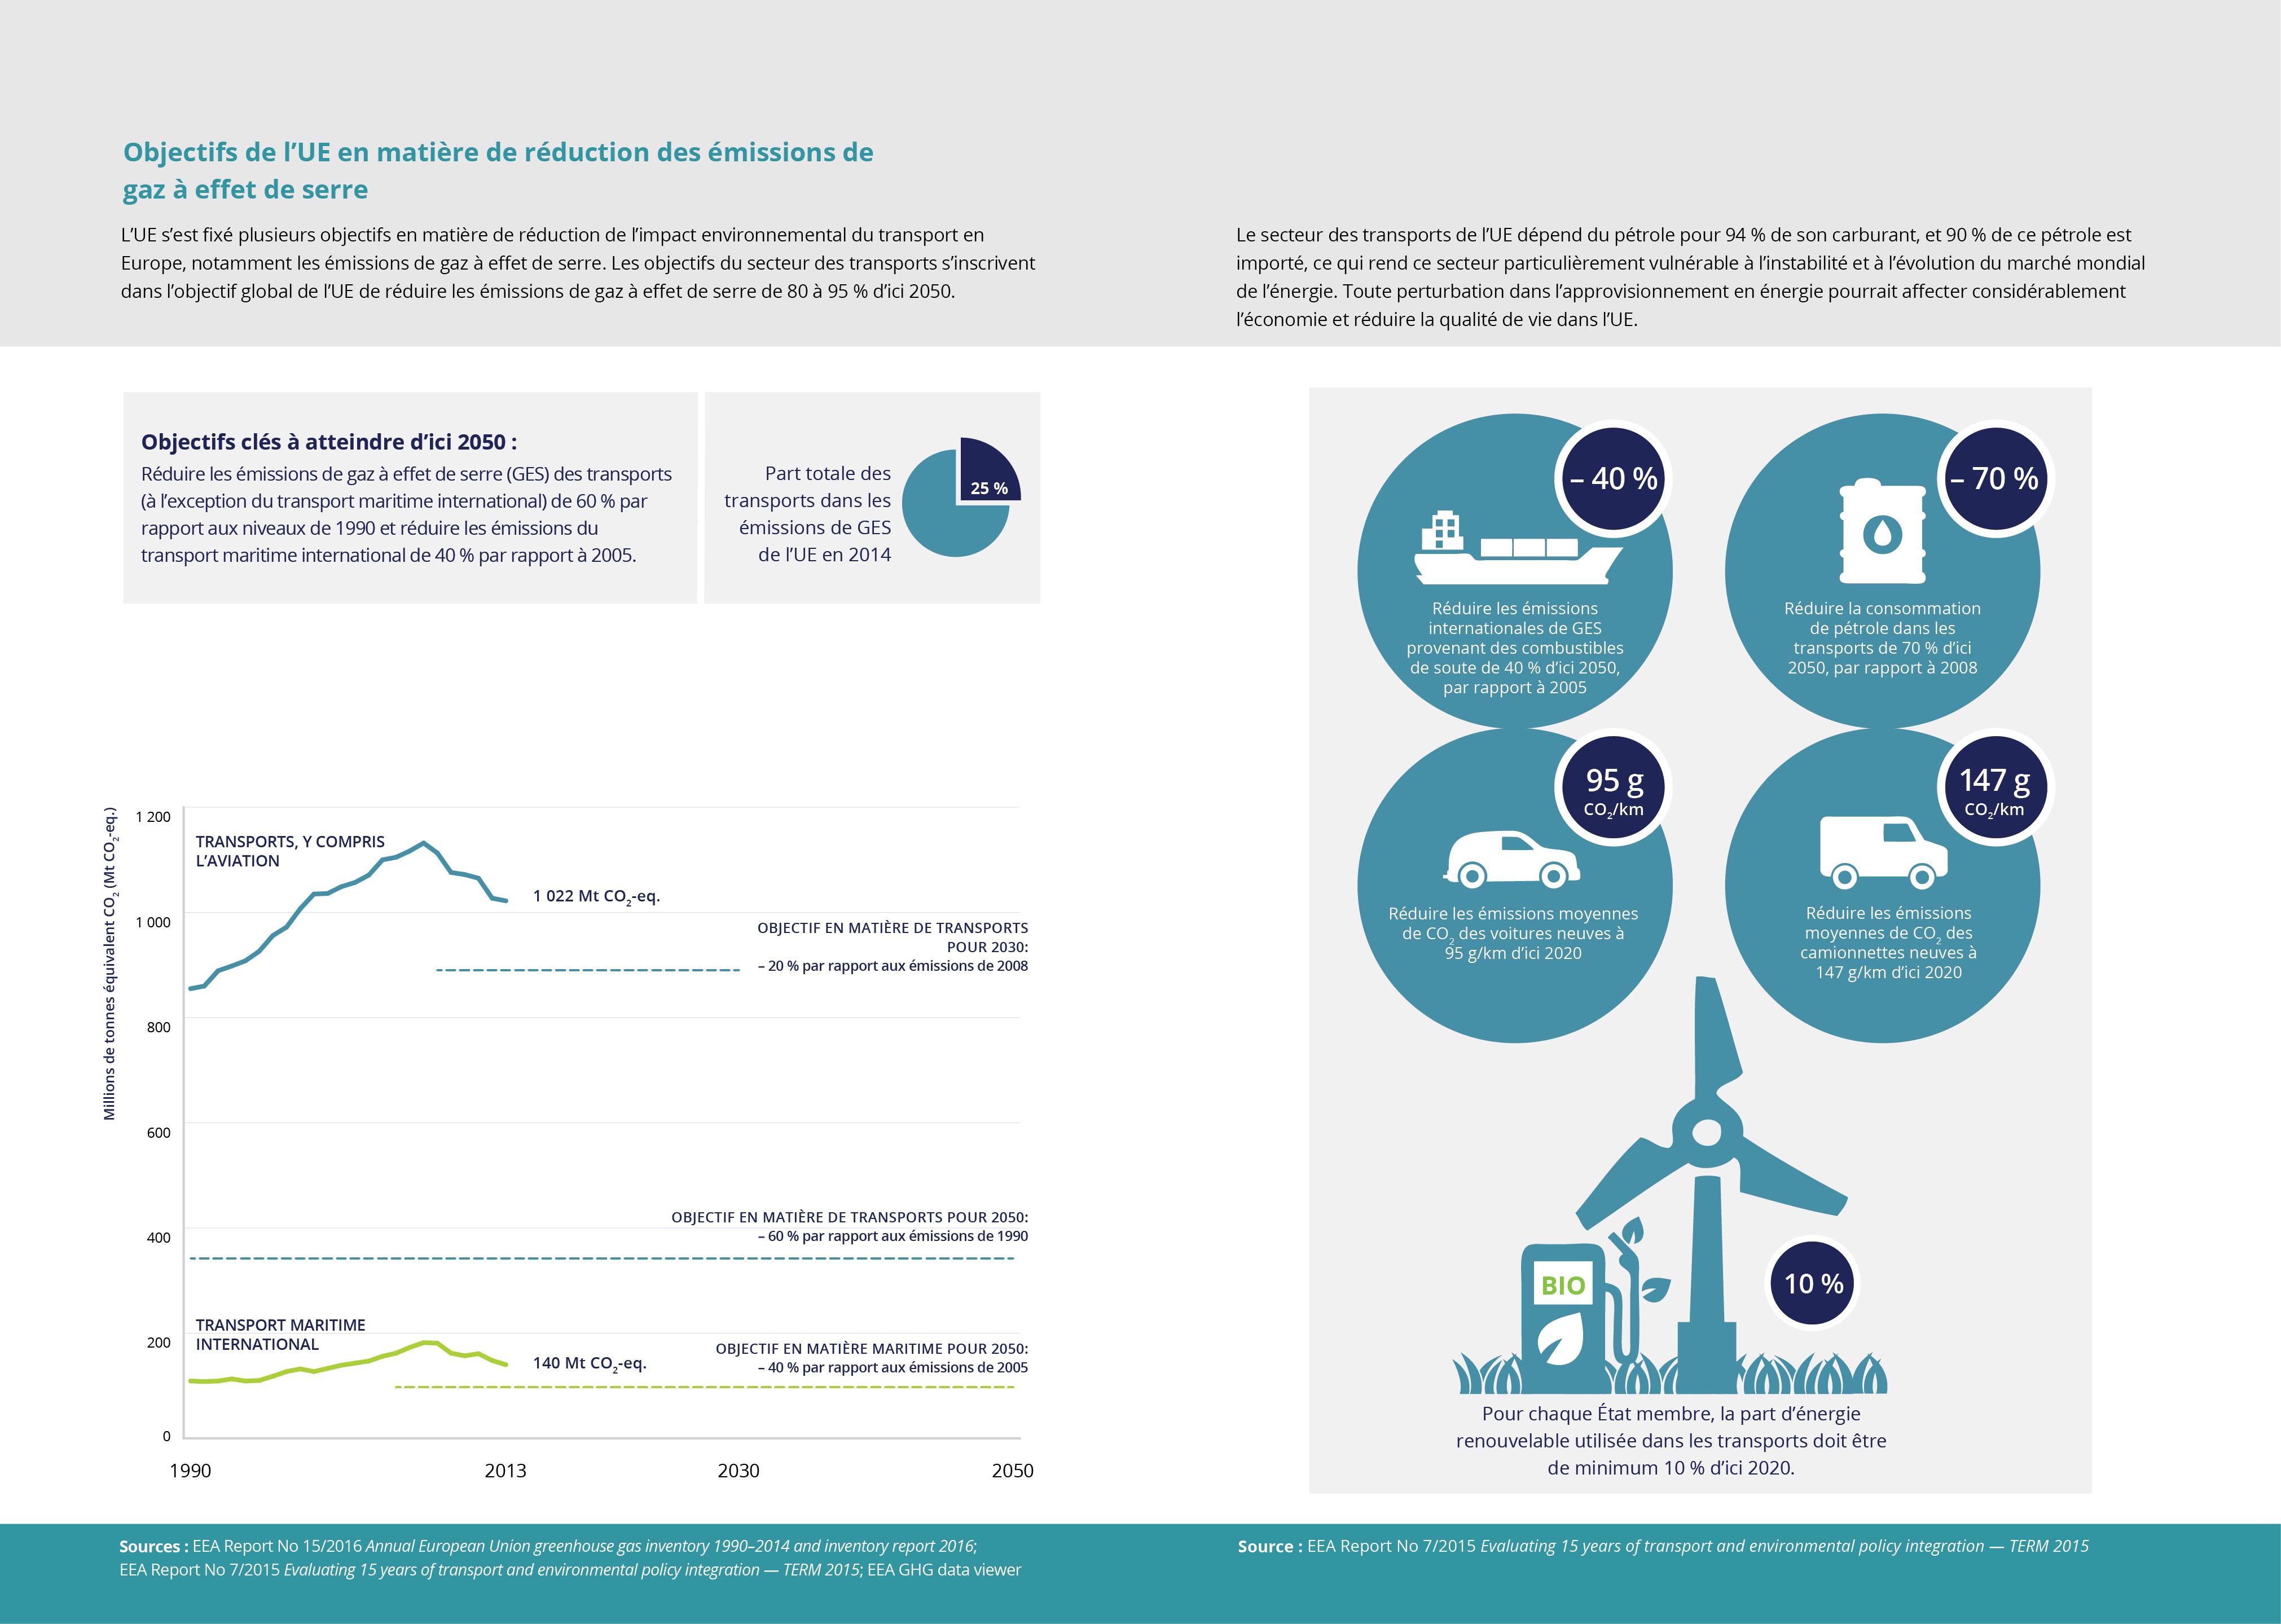 Objectifs de l'UE en matière de réduction des émissions de gaz à effet de serre